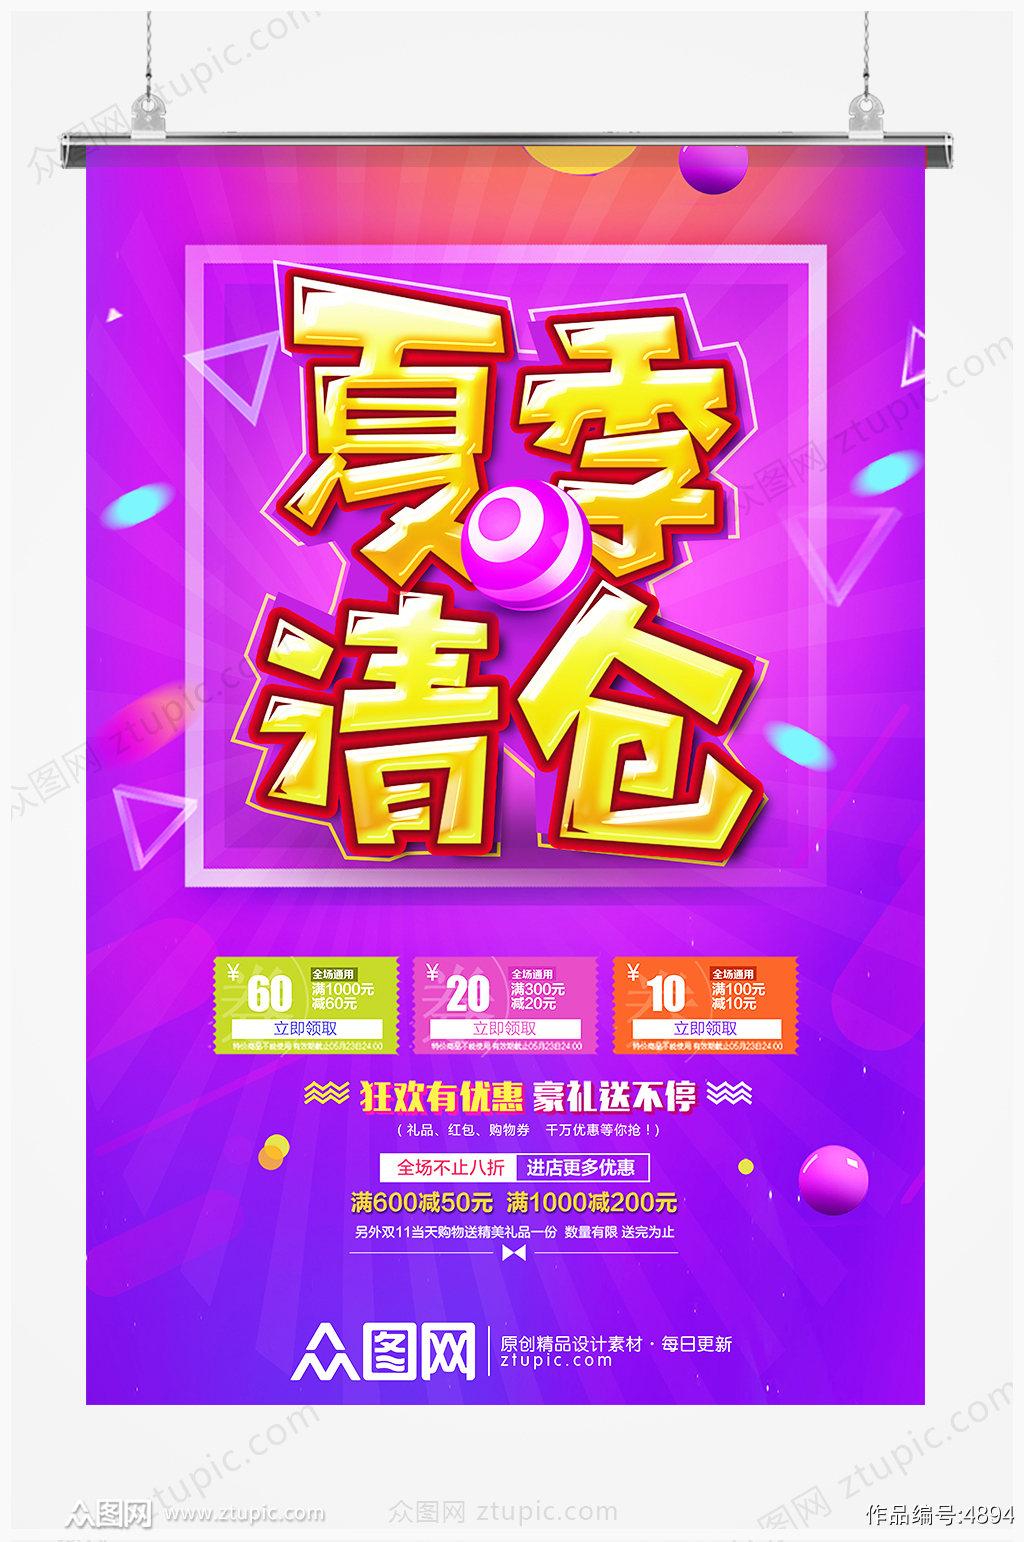 原创夏季清仓促销宣传单素材